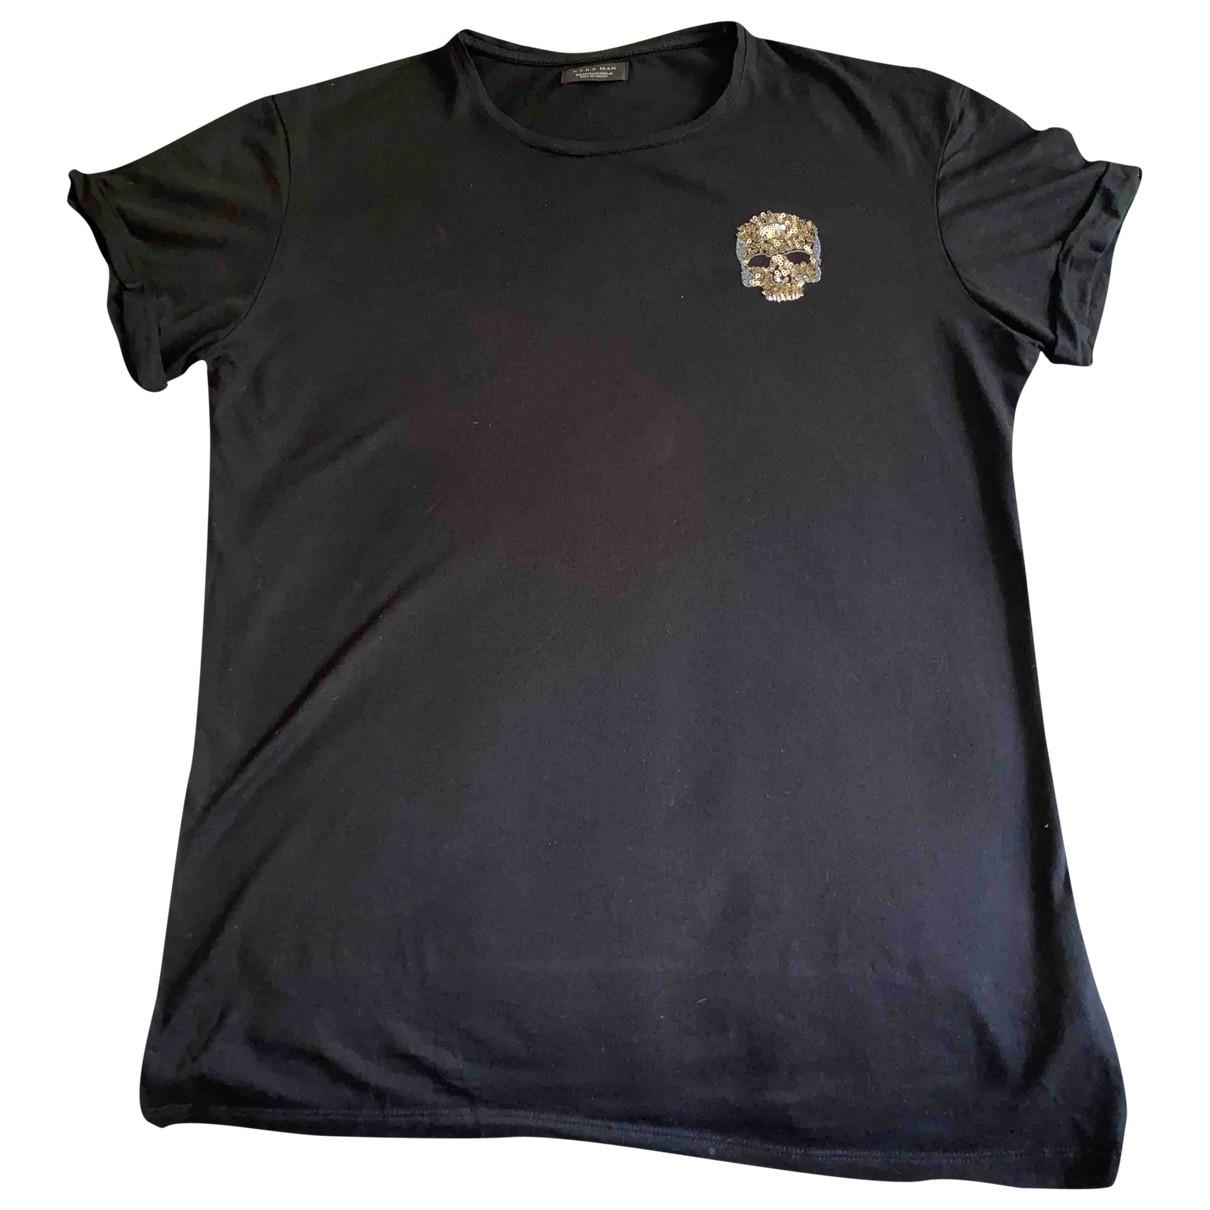 Zara \N T-Shirts in  Schwarz Baumwolle